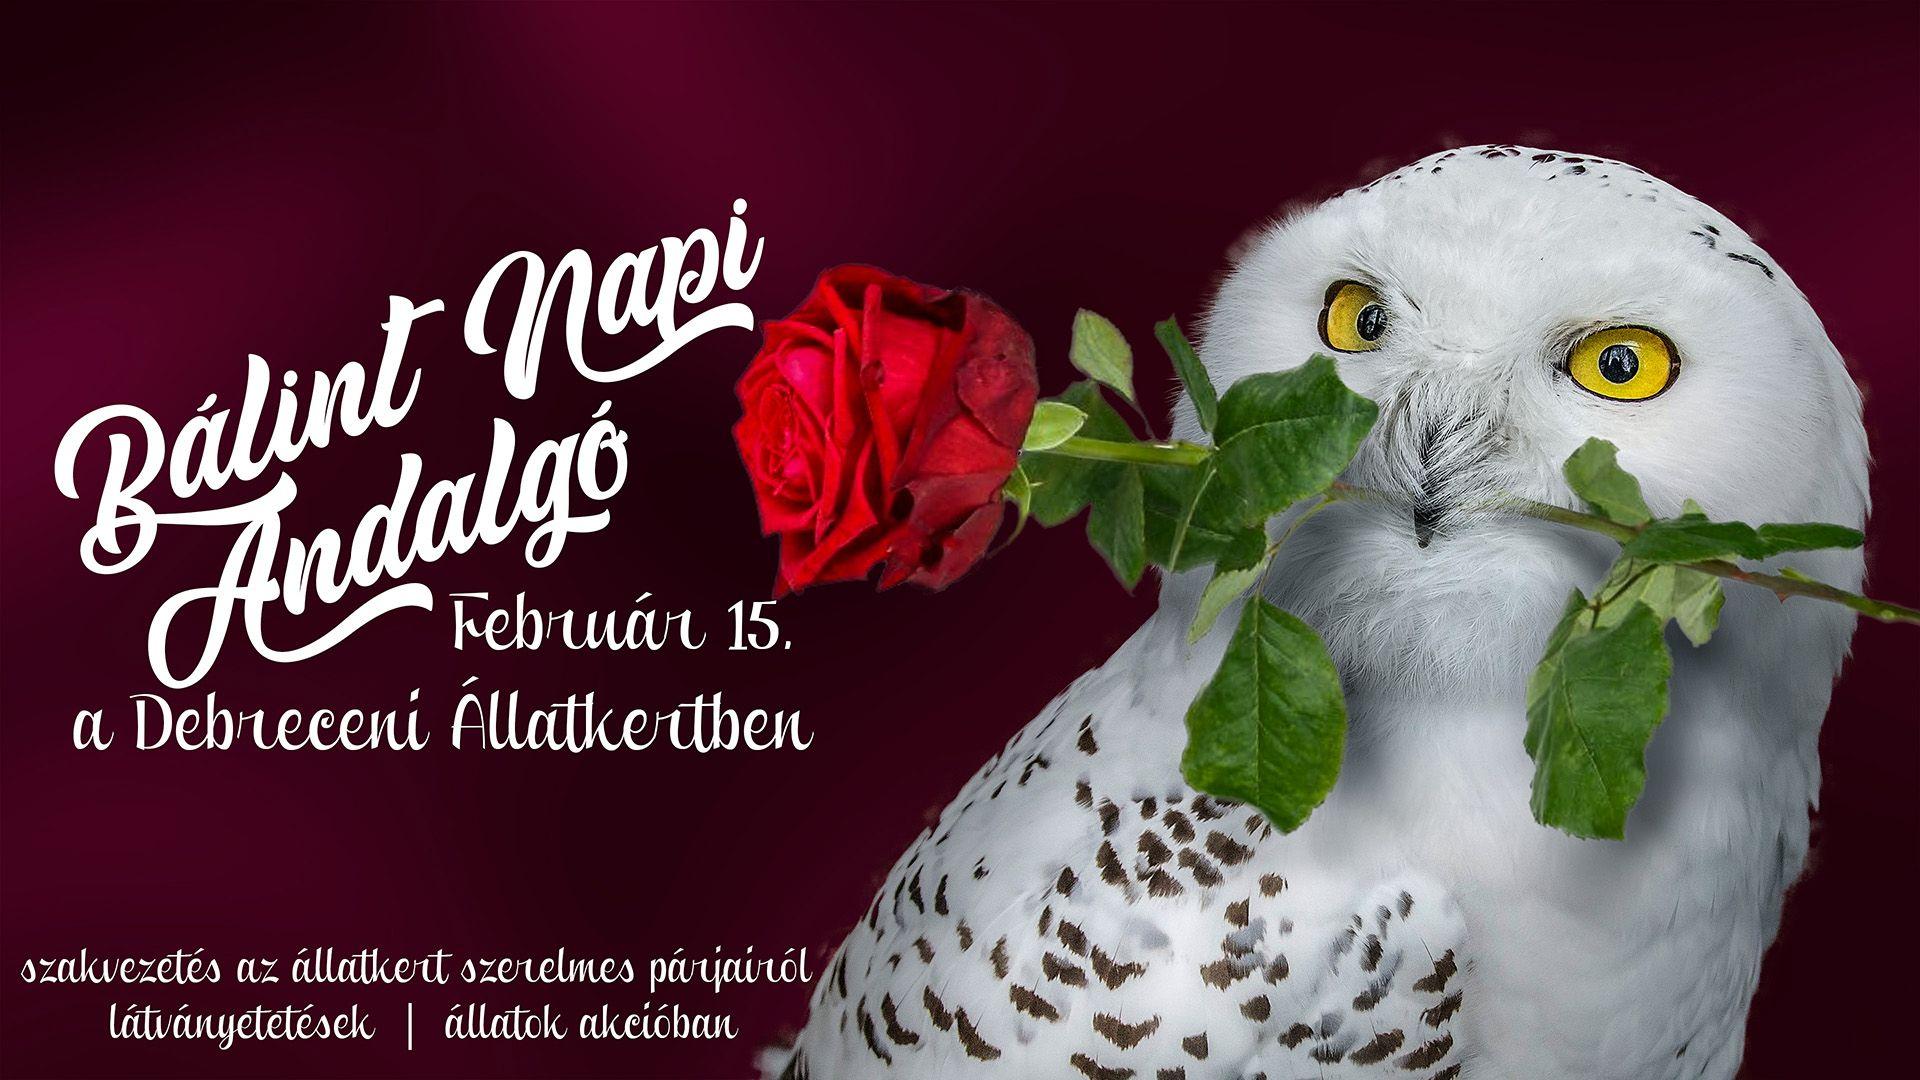 Bálint Napi Andalgó a Debreceni Állatkertben!